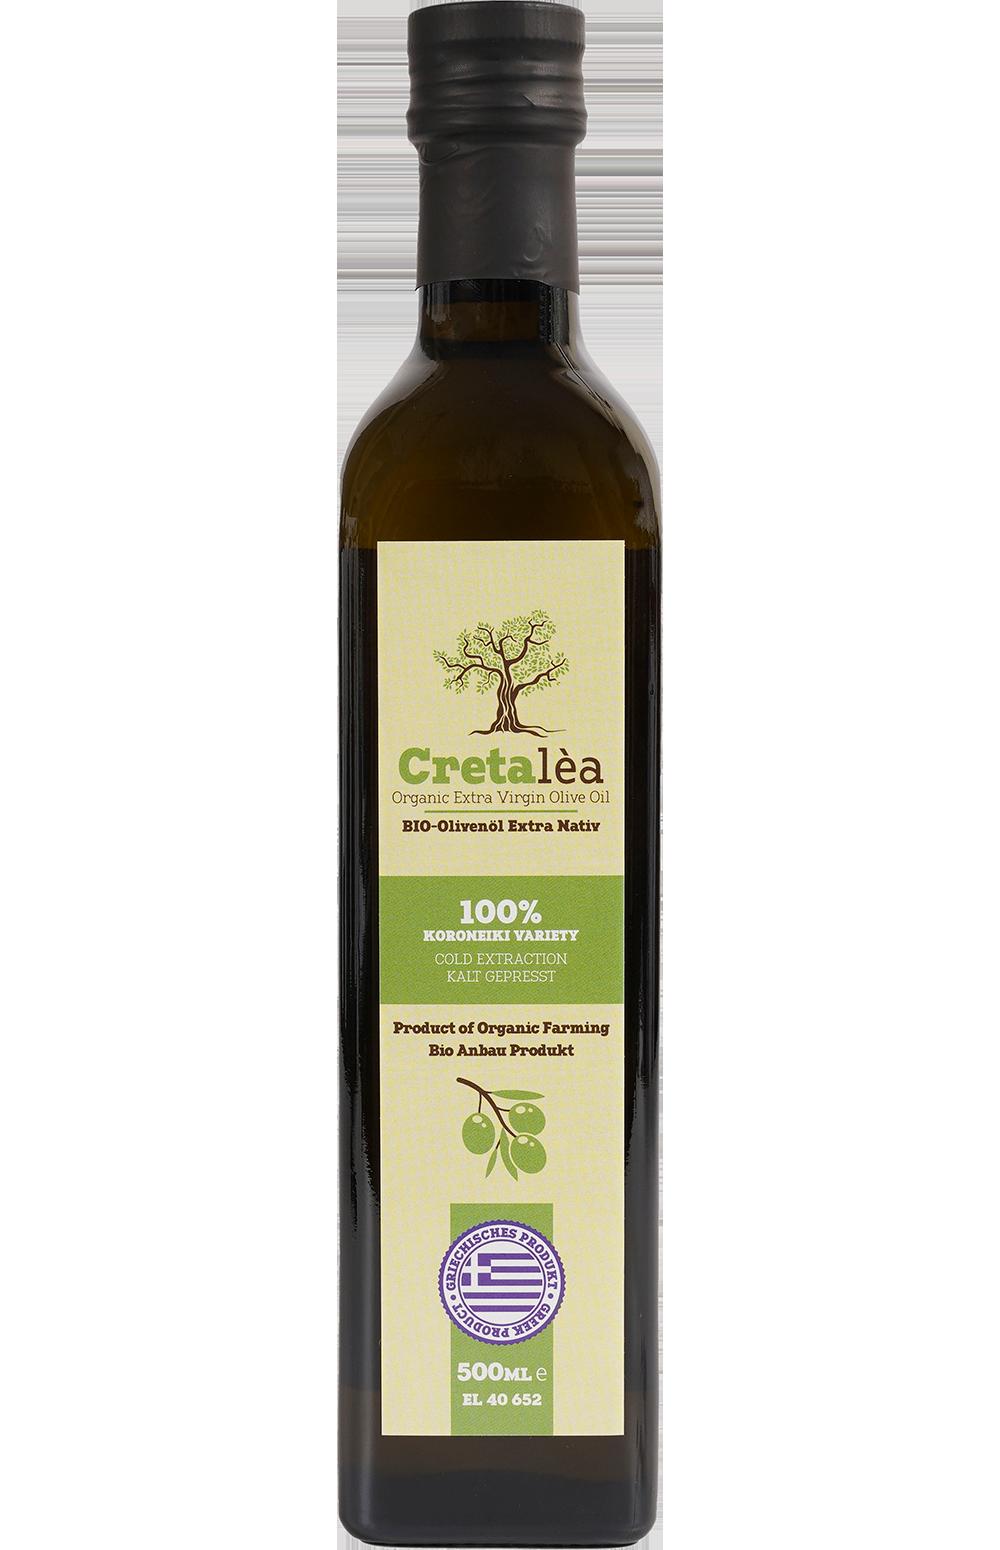 Cretalea Bio